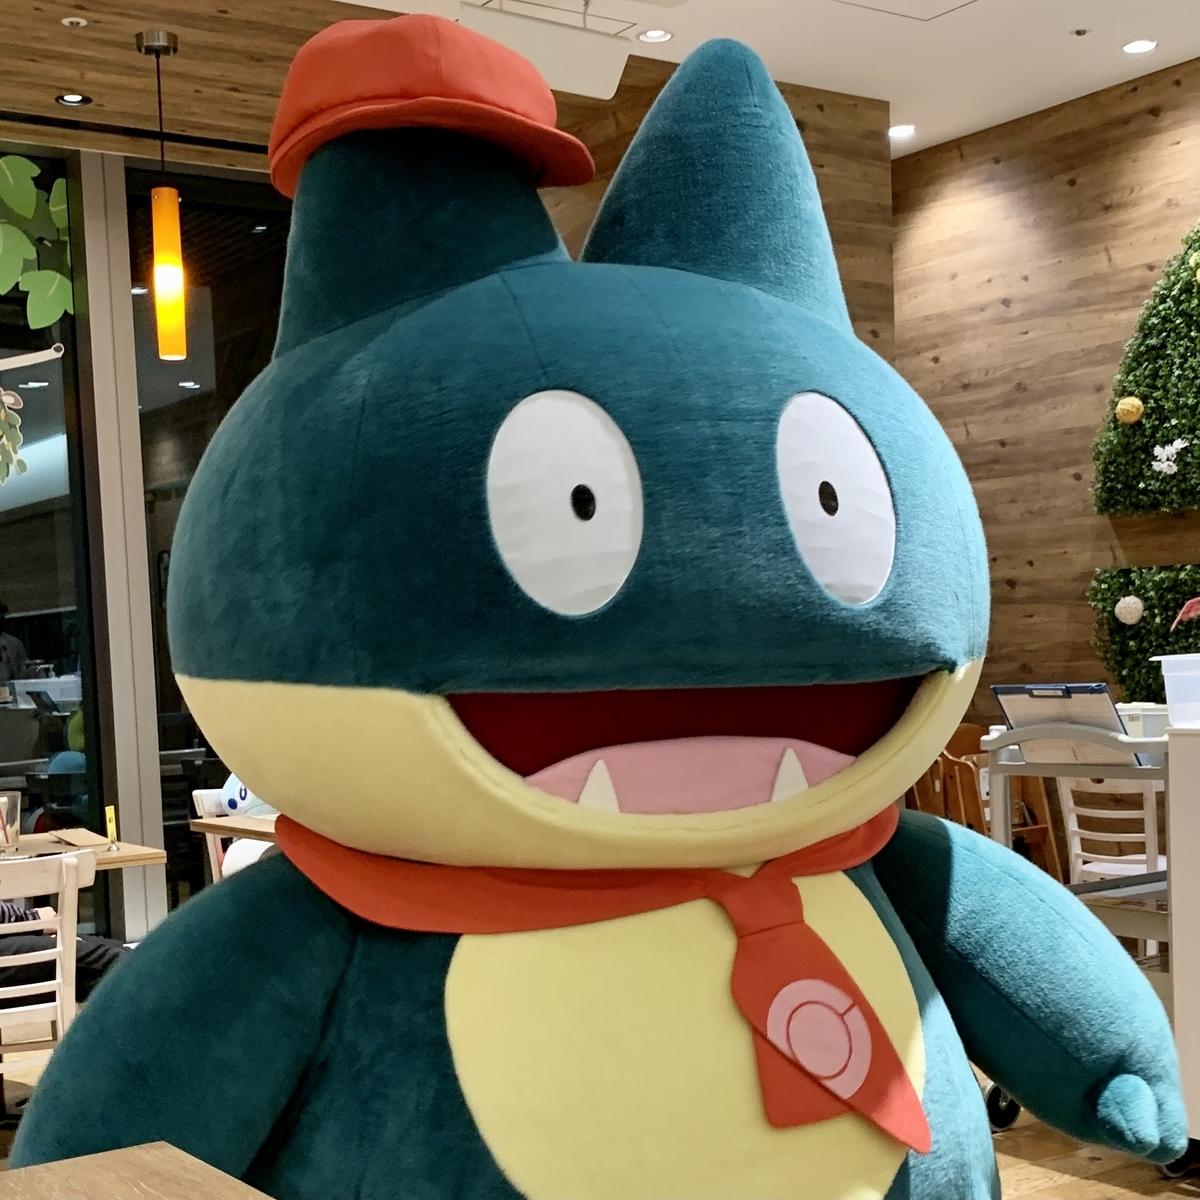 f:id:pikachu_pcn:20201019183223j:plain